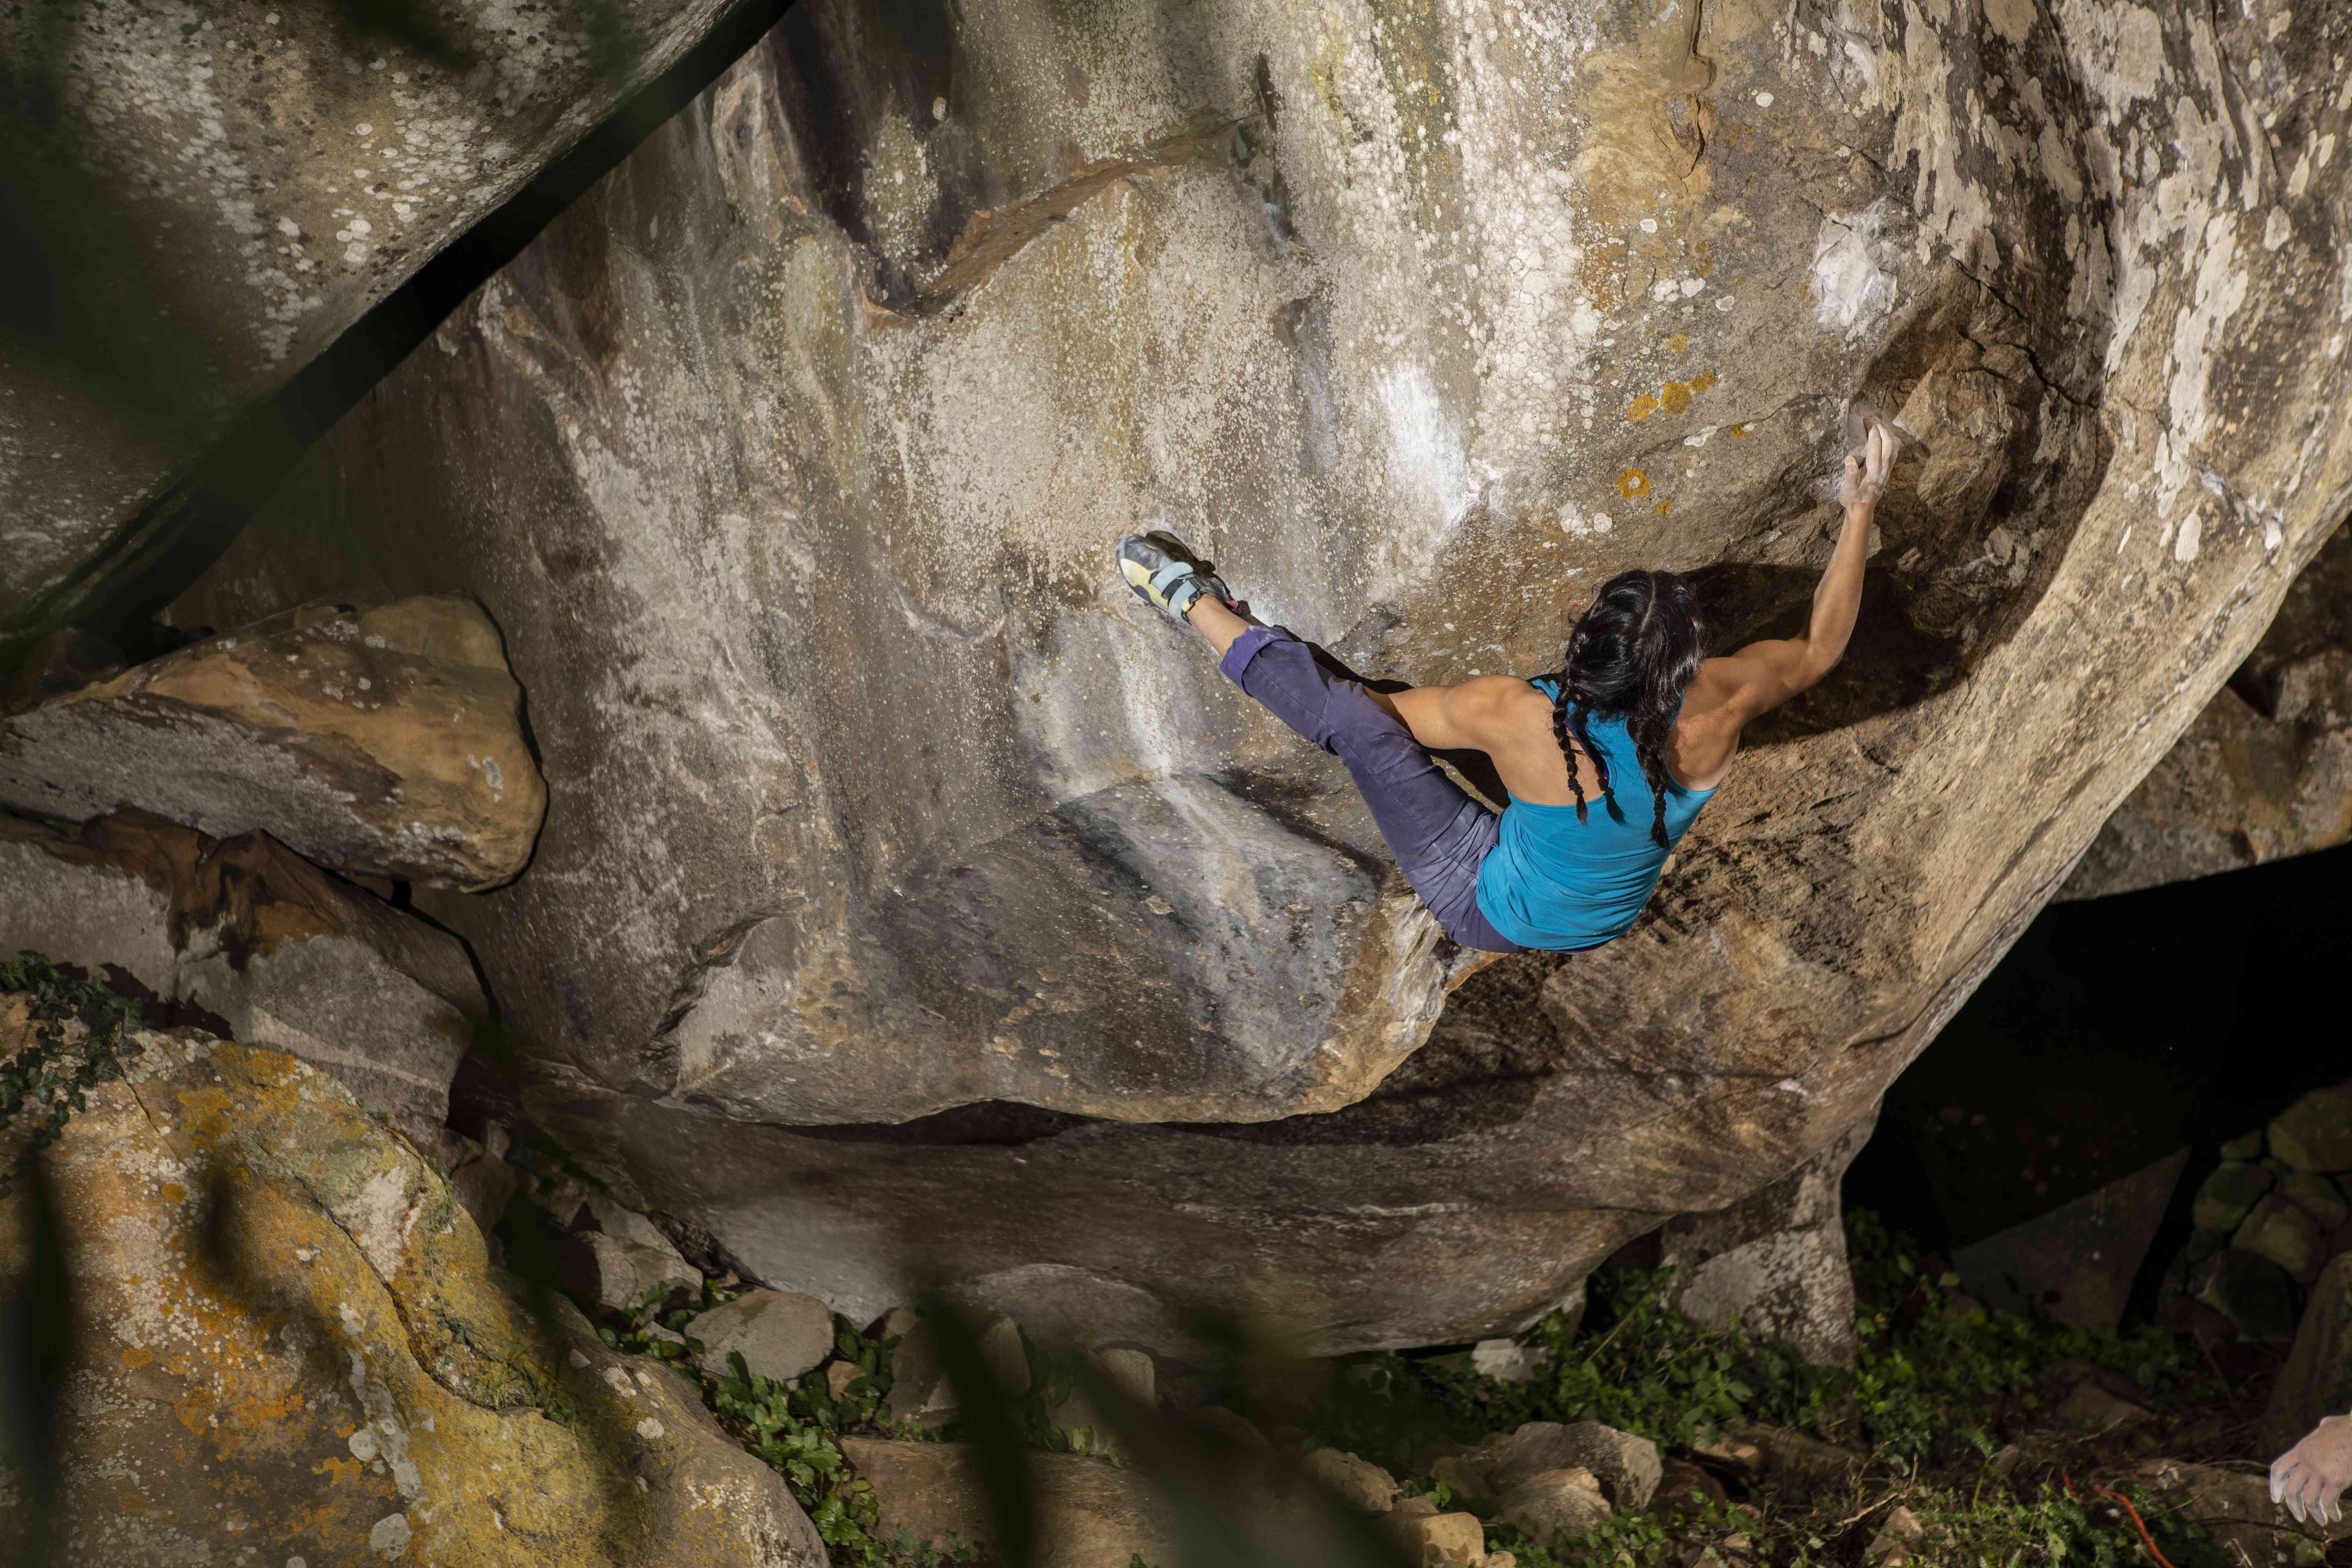 Tacco dell'arrampicatore che si aggancia a un masso nella foresta di Sorace